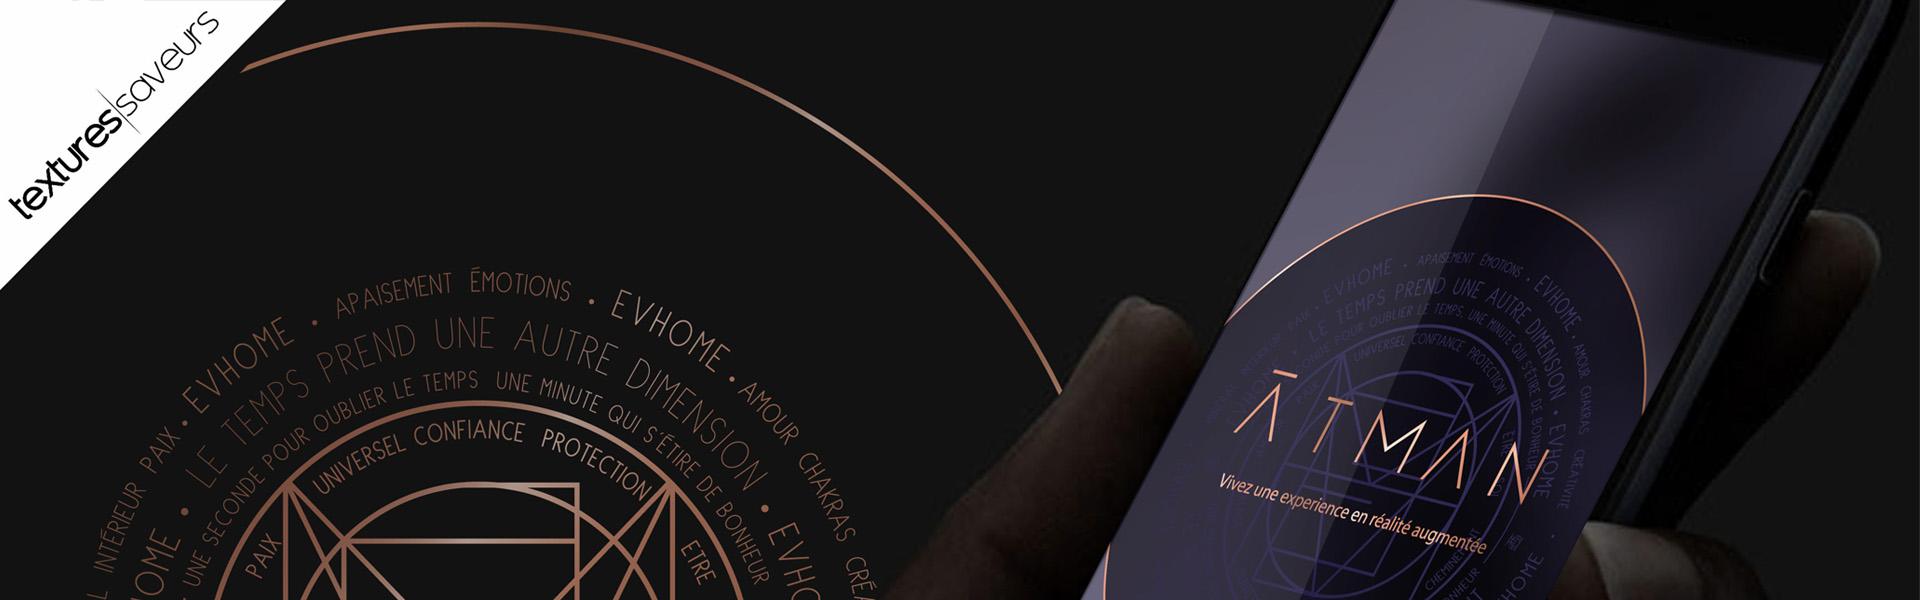 Application réalité augmenté Textures Saveurs bandeau